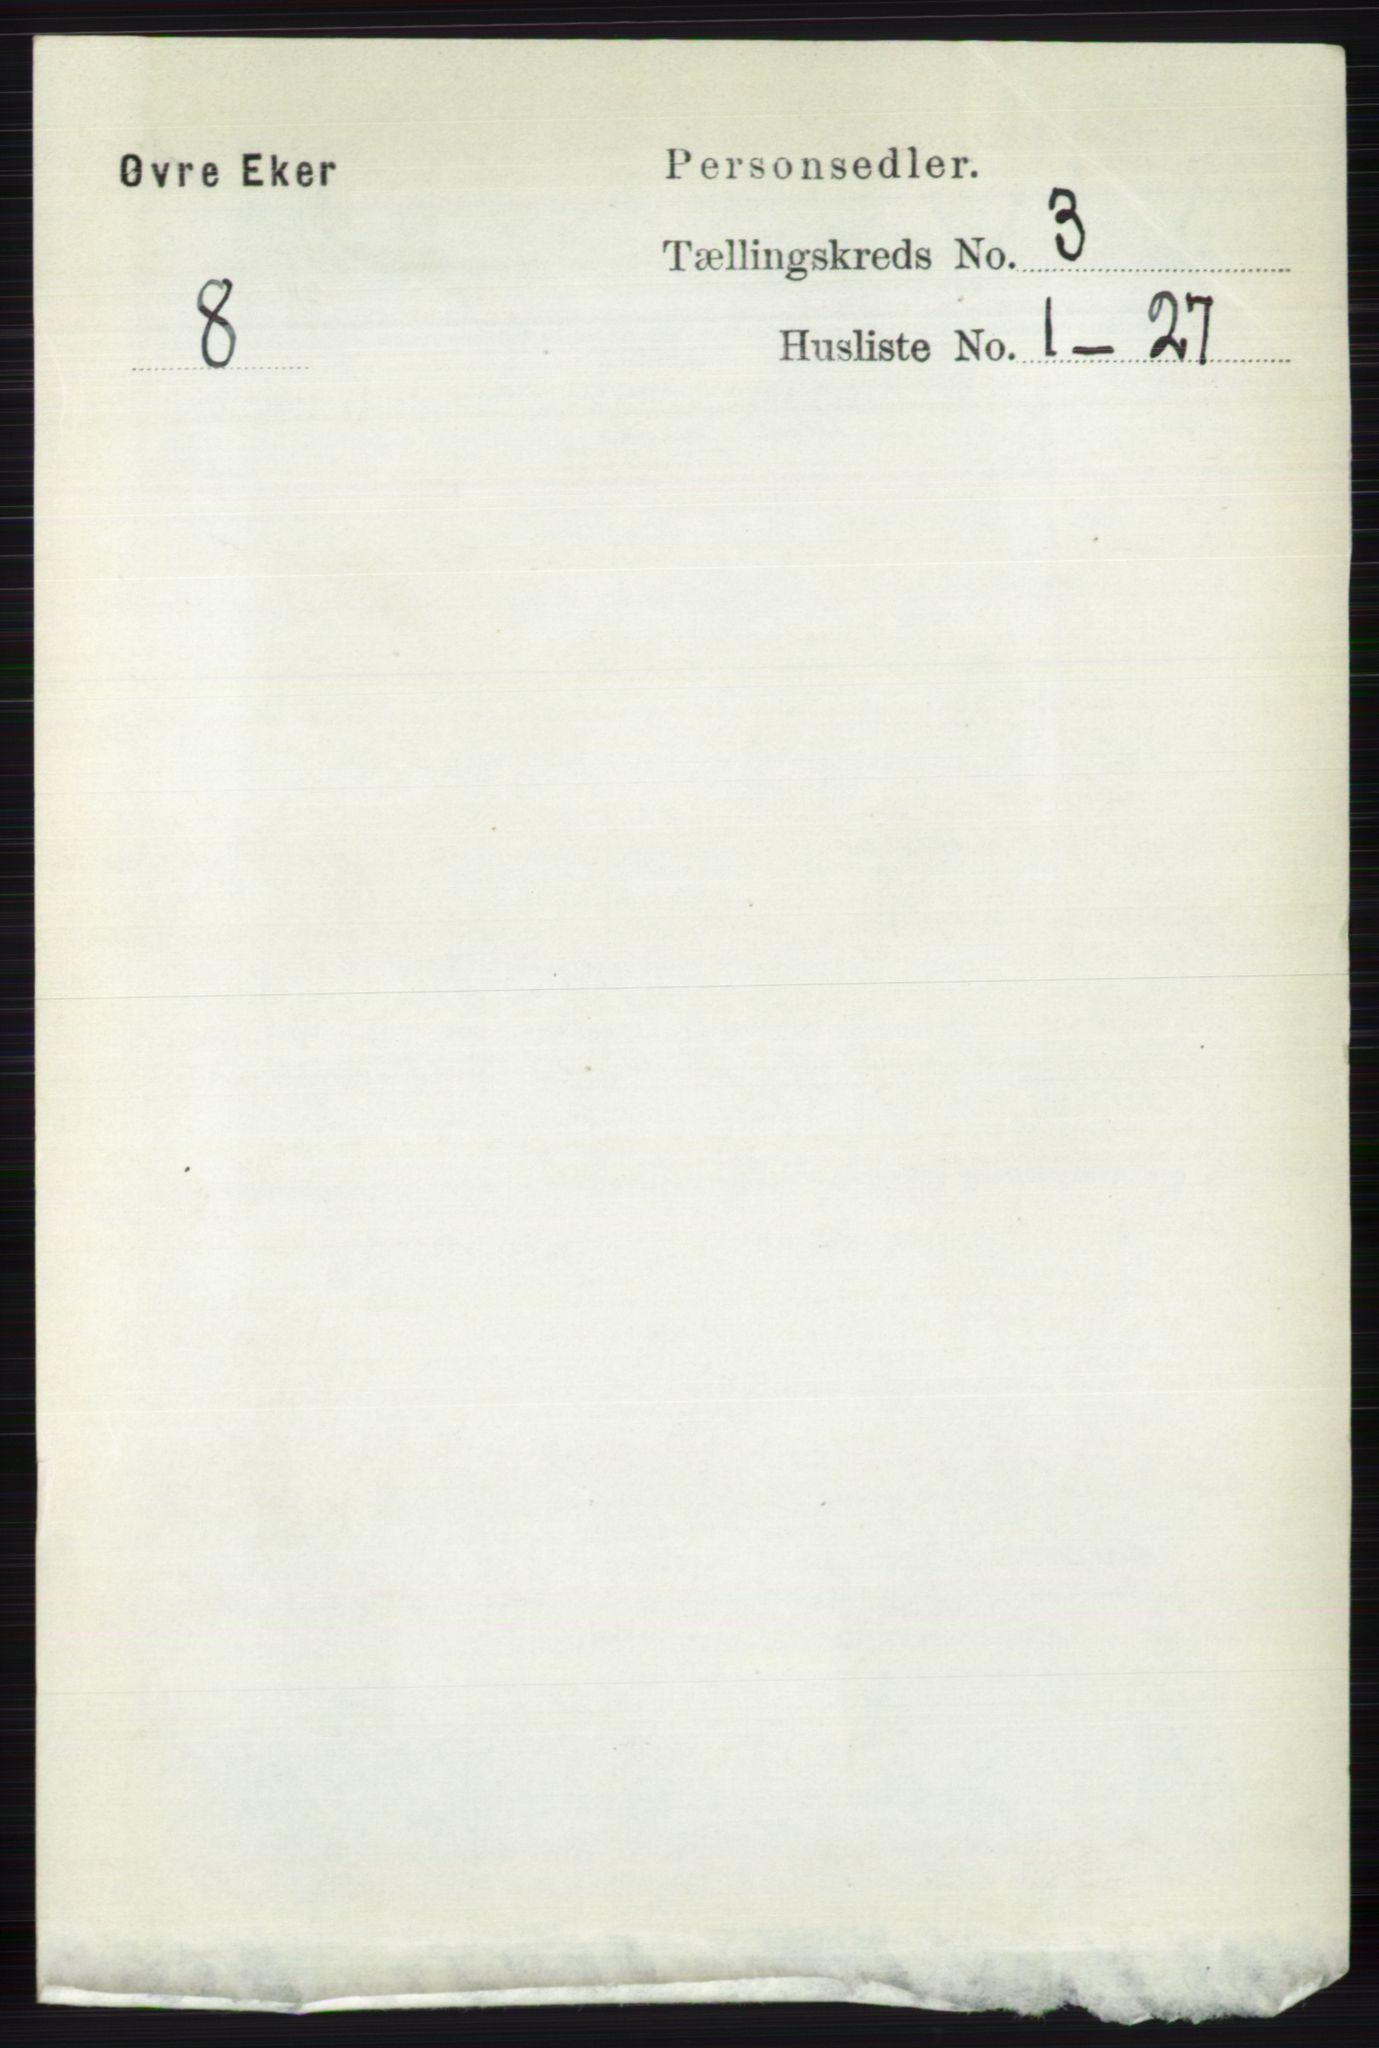 RA, Folketelling 1891 for 0624 Øvre Eiker herred, 1891, s. 989